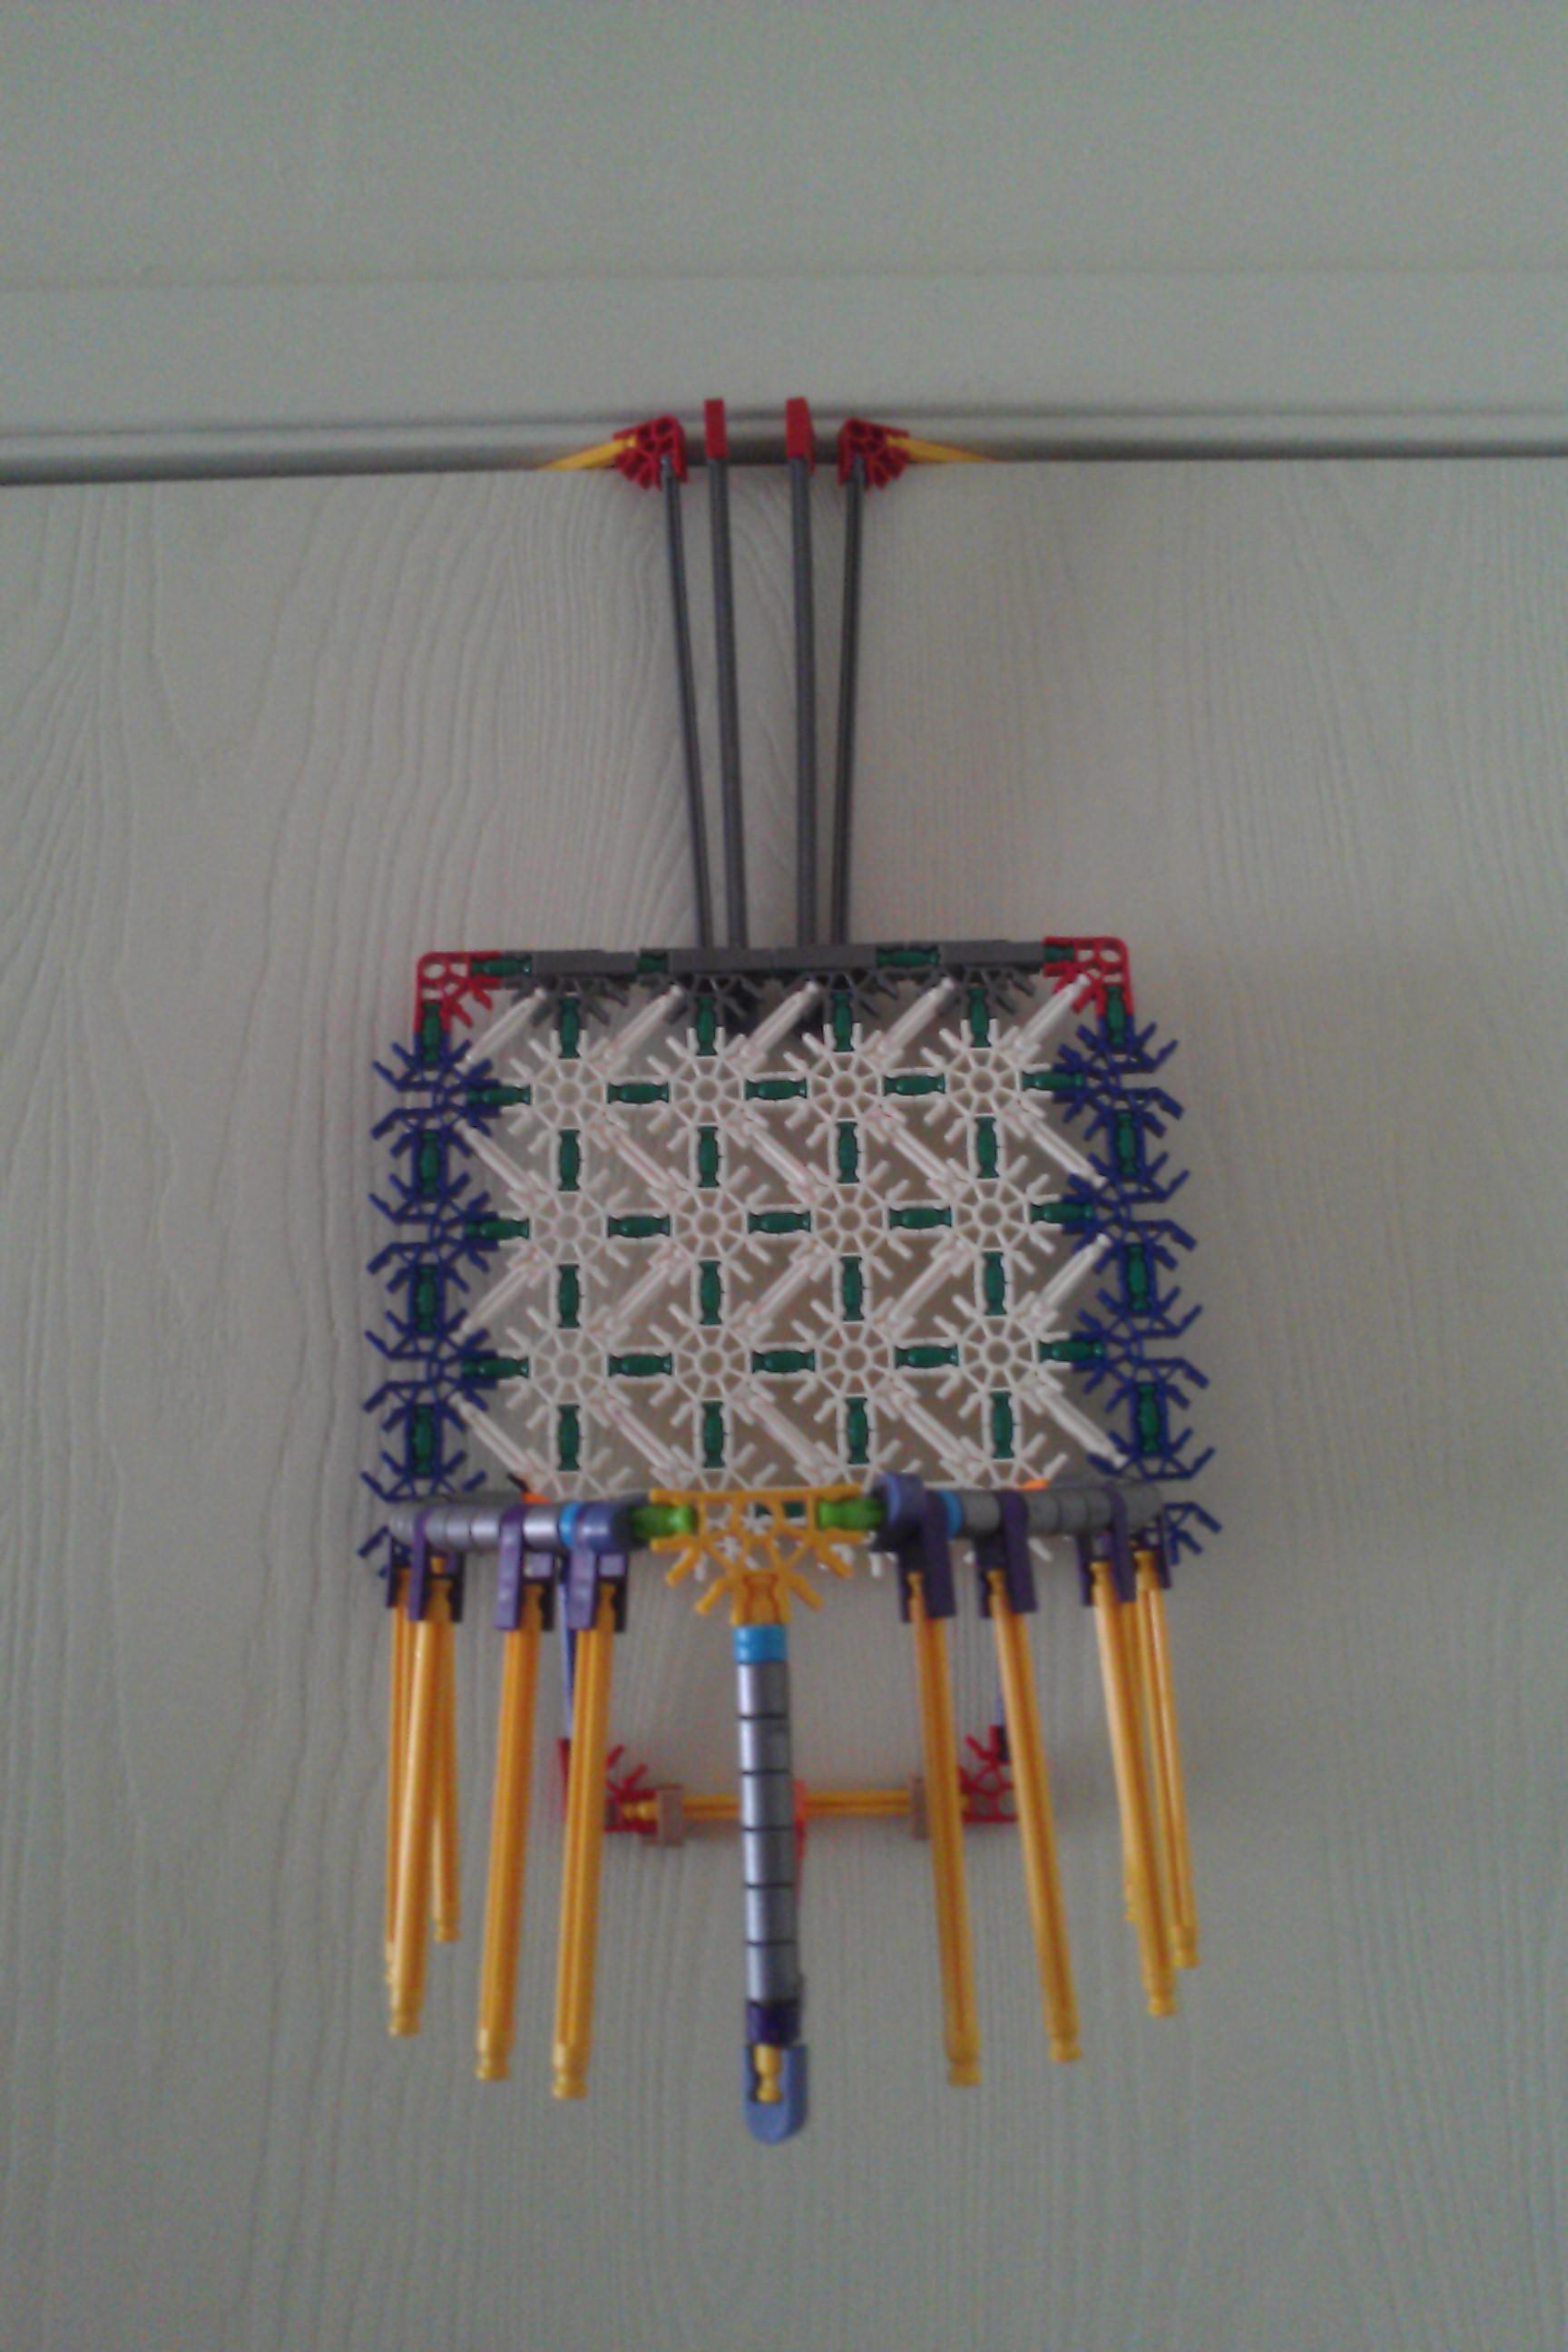 Picture of Adjustable Door Mounted K'nex Basketball Hoop